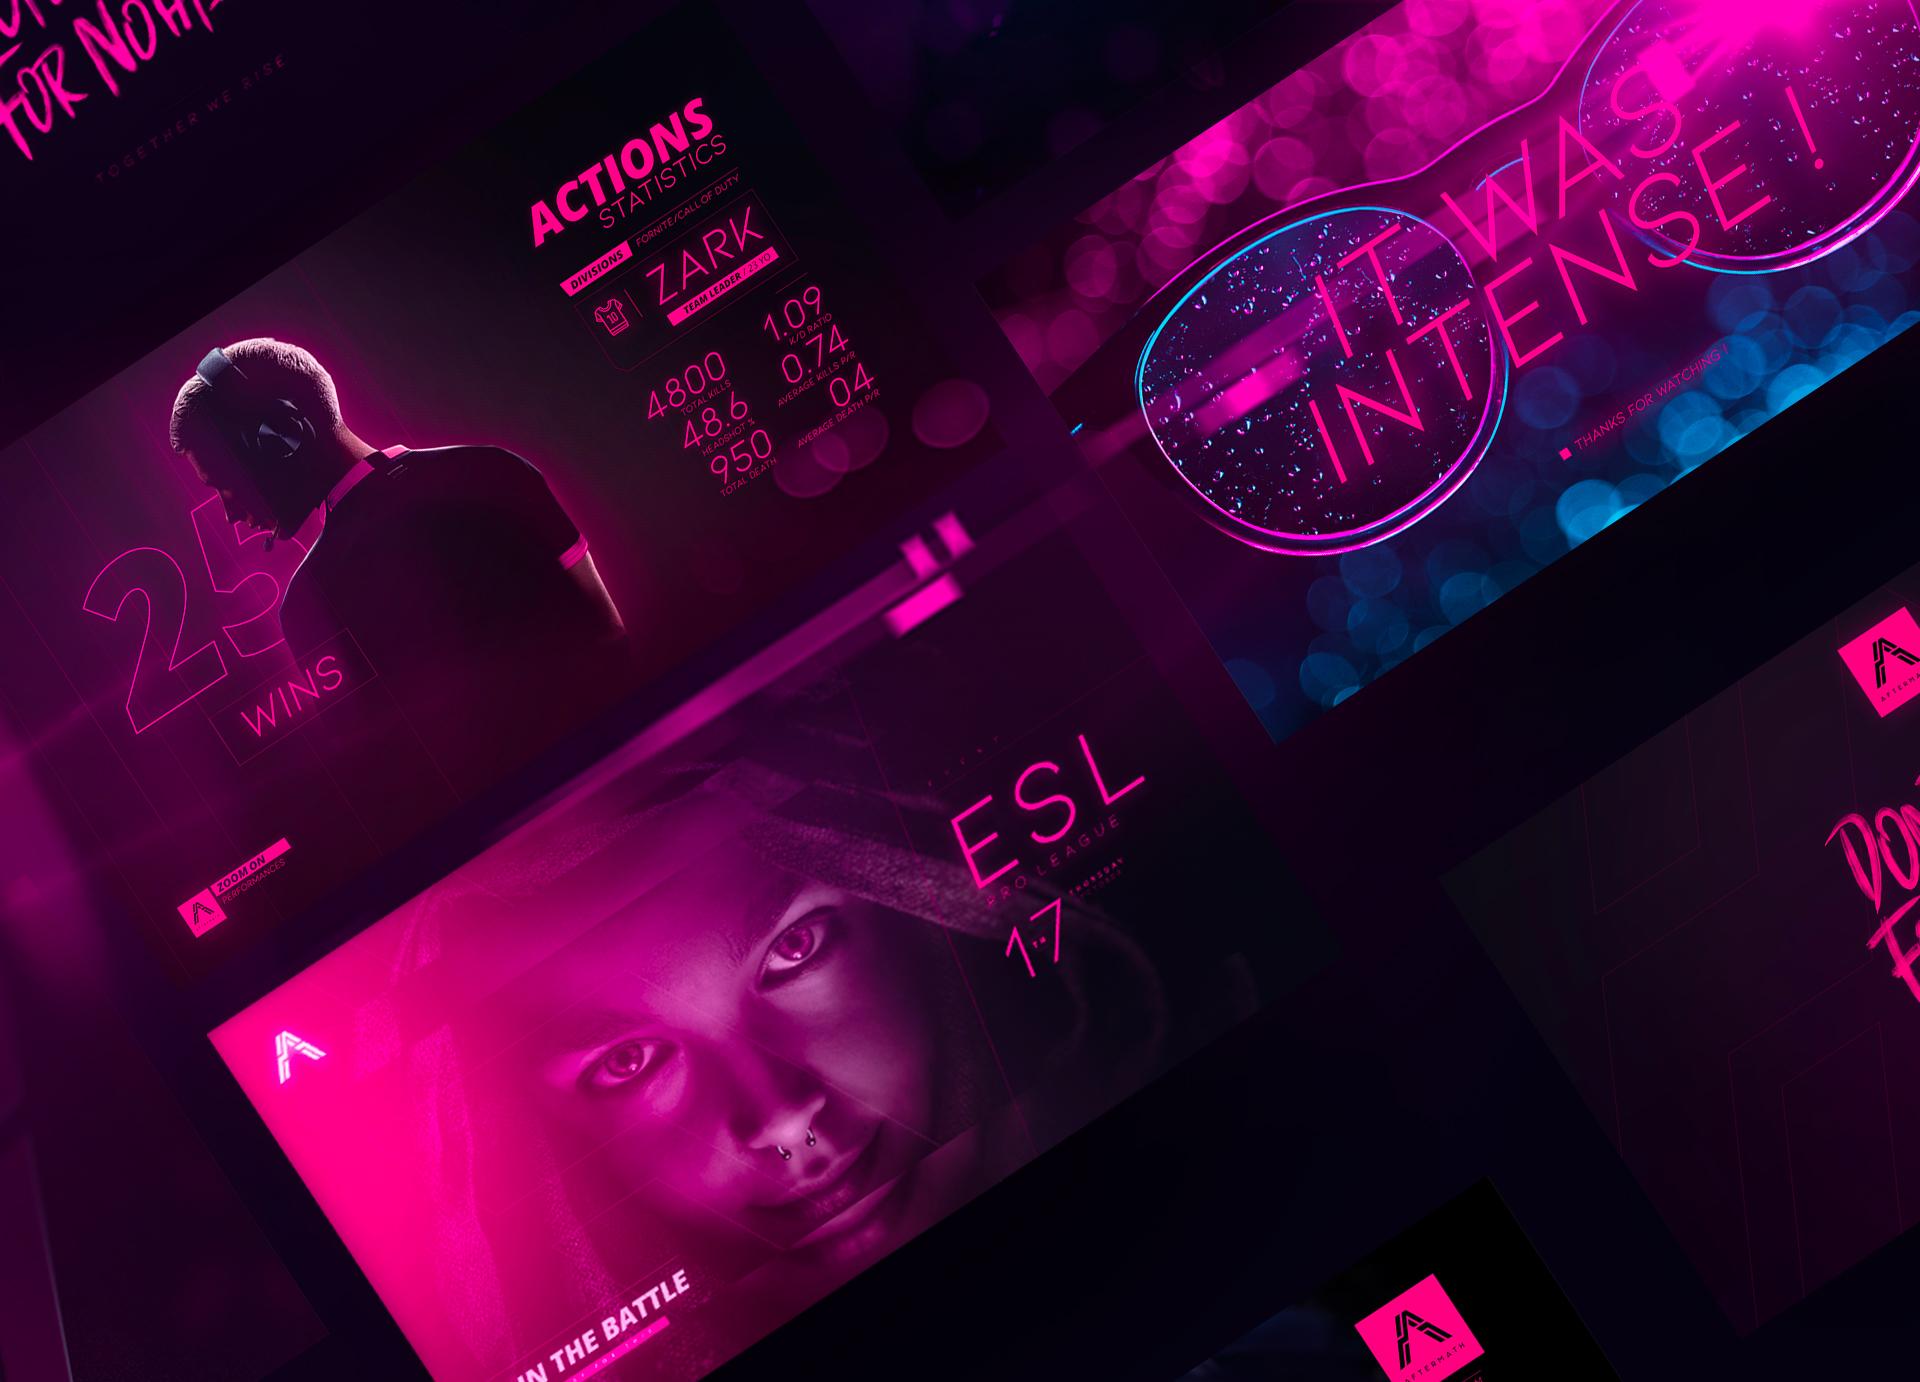 Phiraum Leng Creates Esport Team Branding Inspired by Cyberpunk